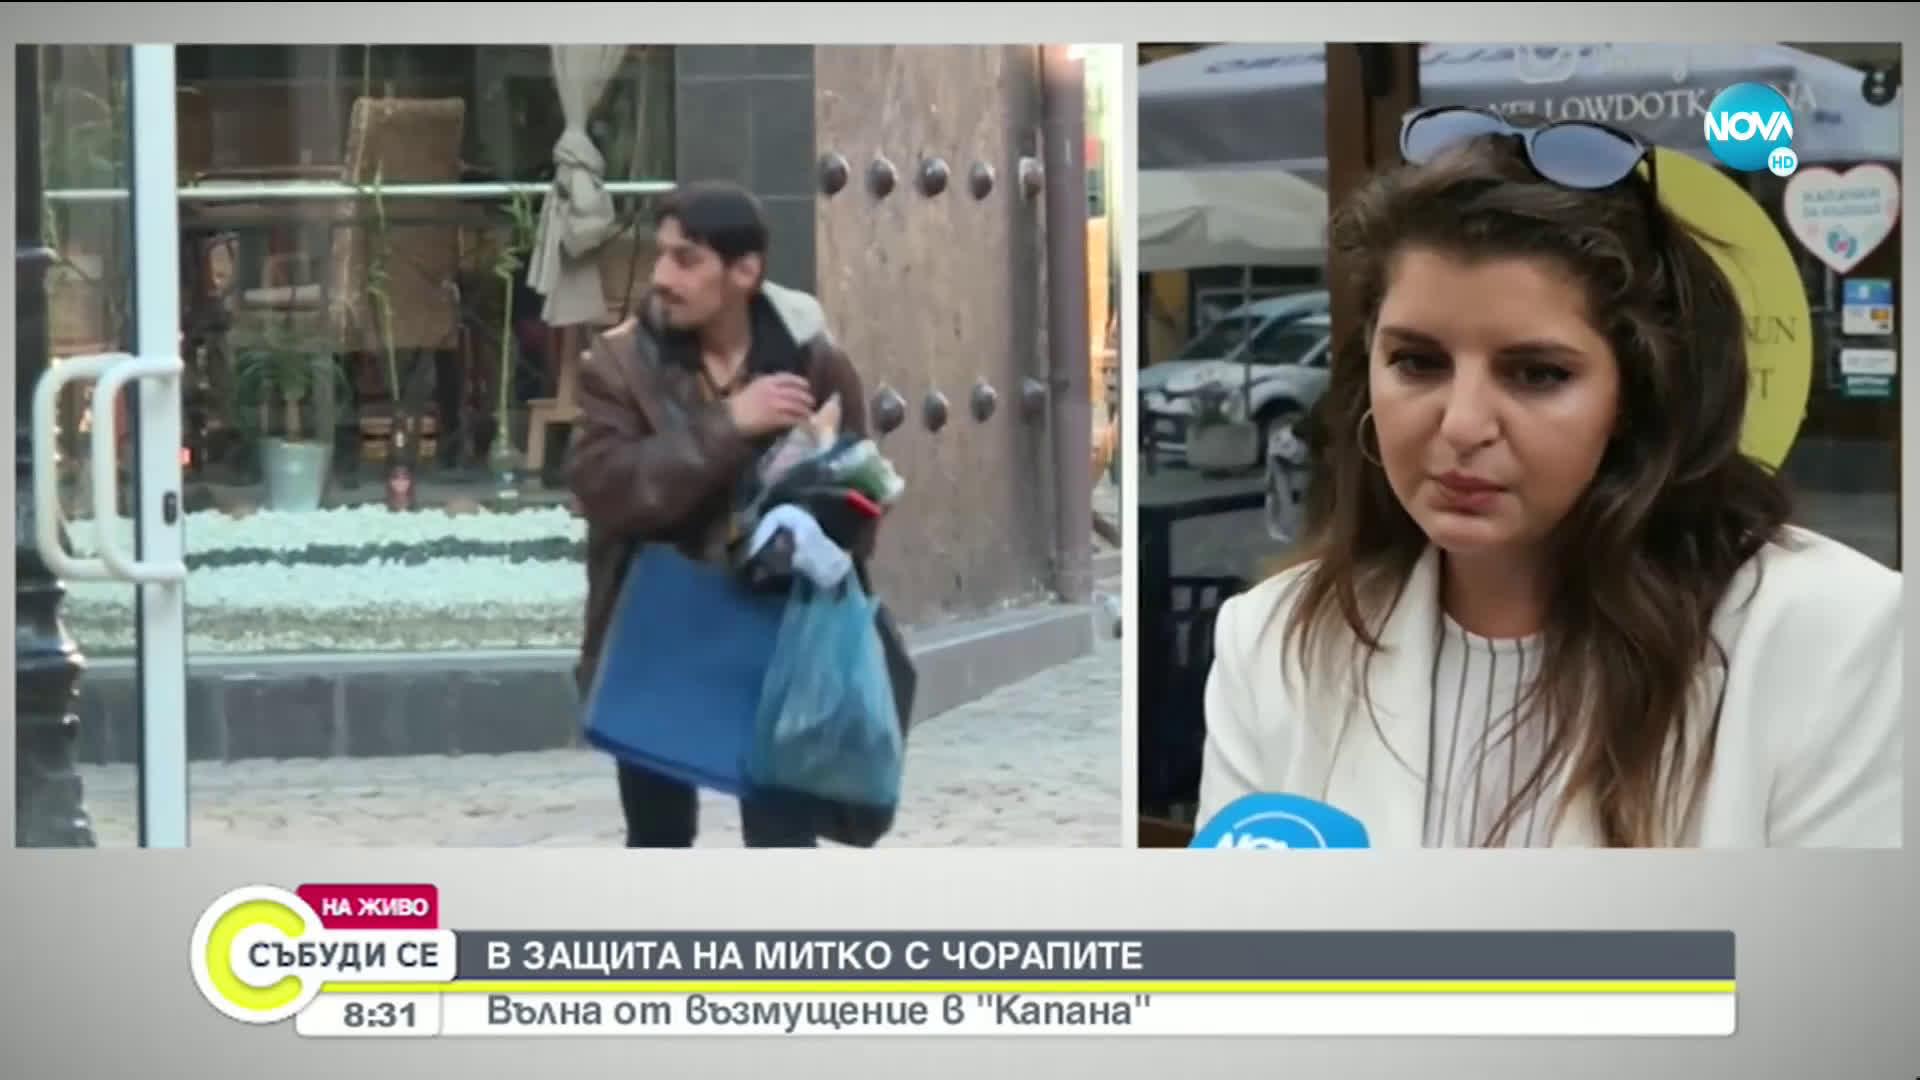 Нападнатият продавач на чорапи в Пловдив с първи разказ за случилото се